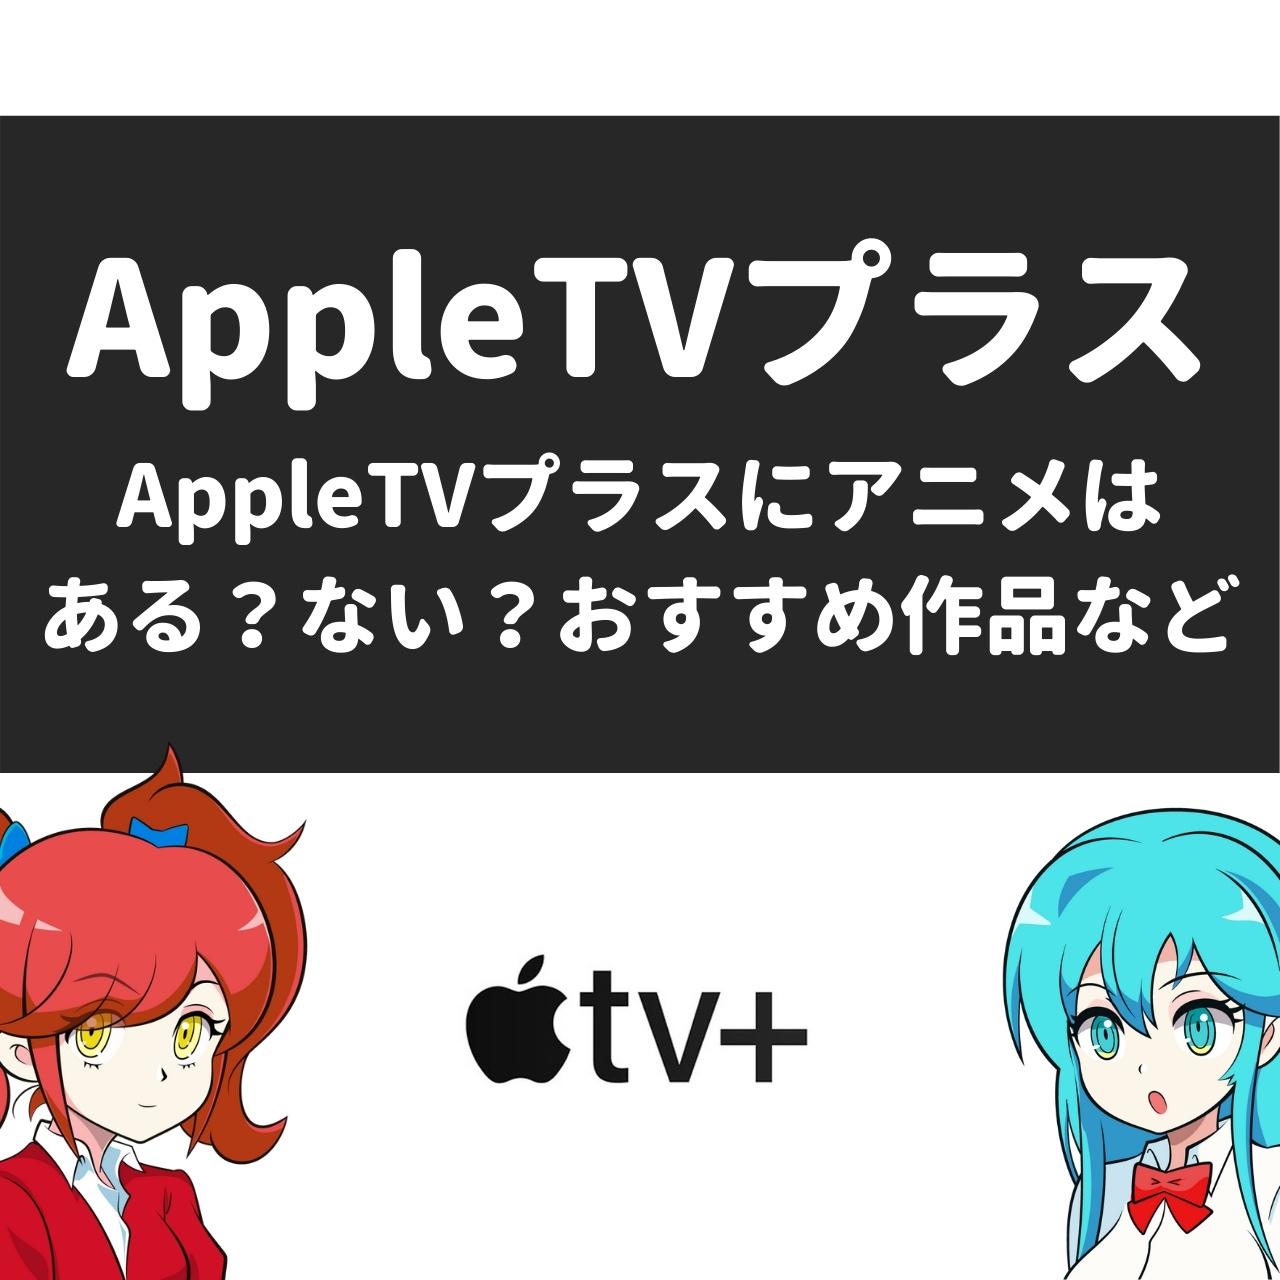 AppleTVプラスにアニメはある?ない?おすすめ作品など